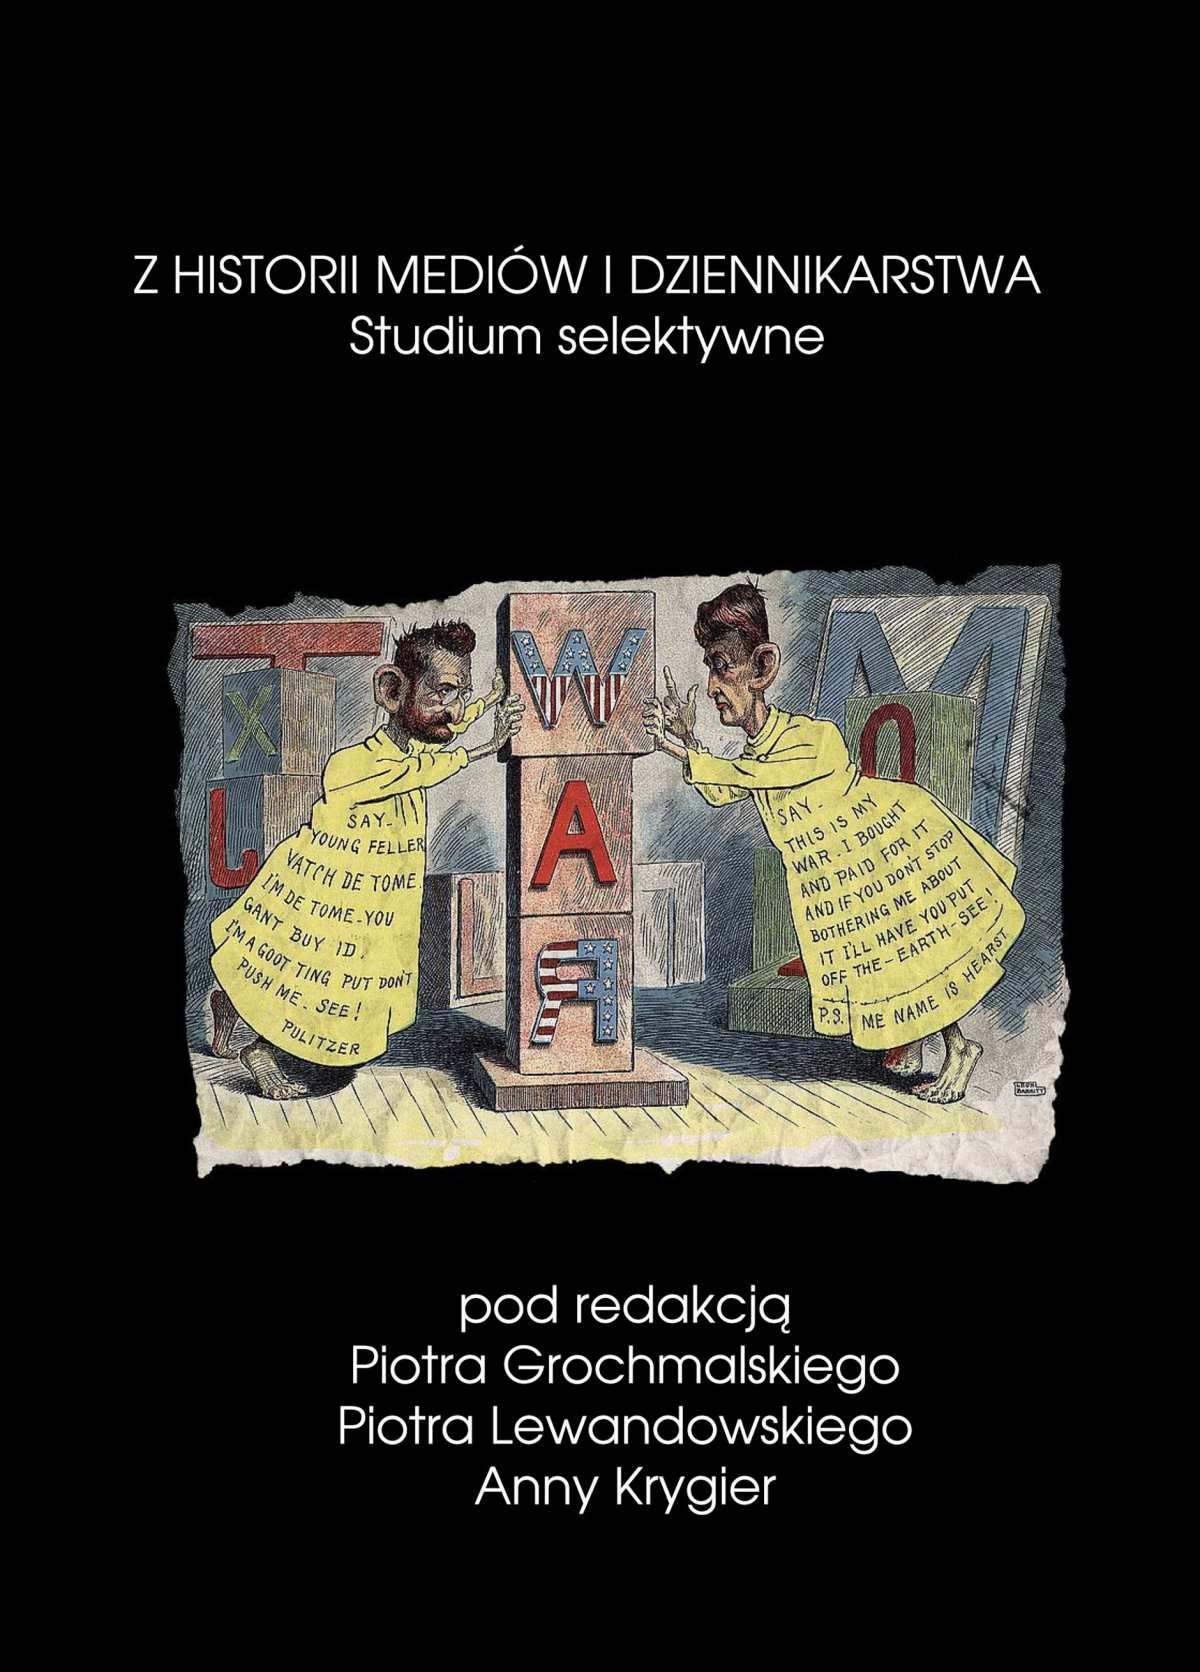 Z historii mediów i dziennikarstwa. Studium selektywne - Ebook (Książka PDF) do pobrania w formacie PDF